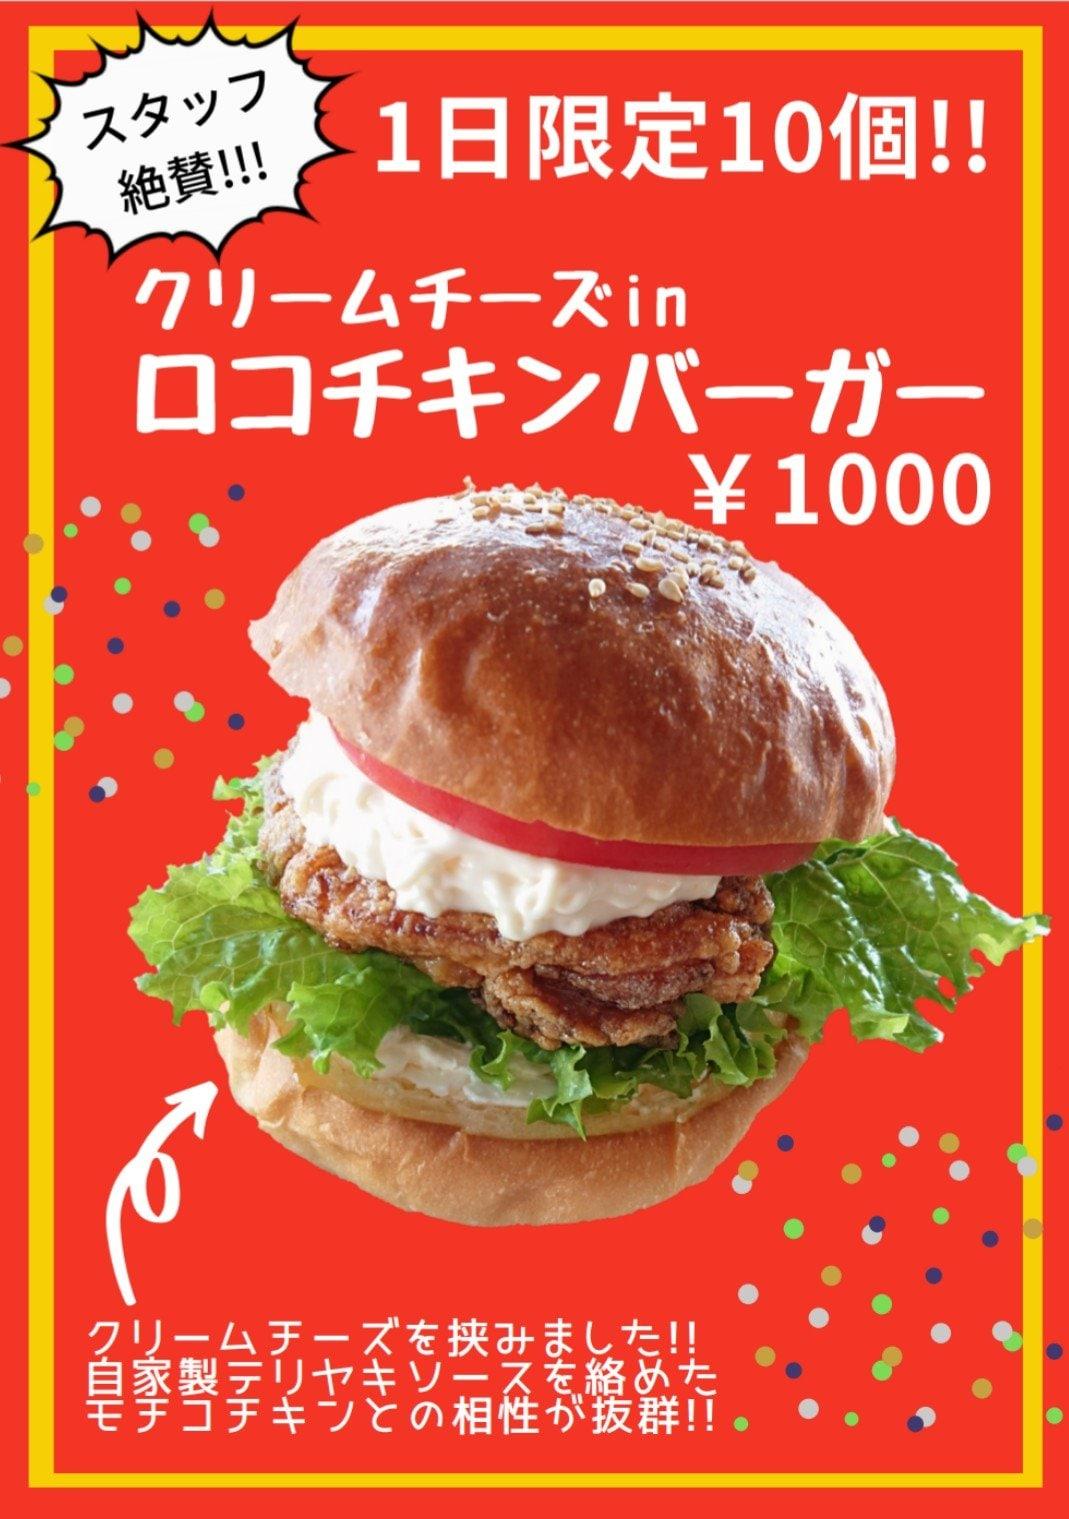 【テイクアウト専用】クリームチーズチキンバーガー 単品のイメージその1